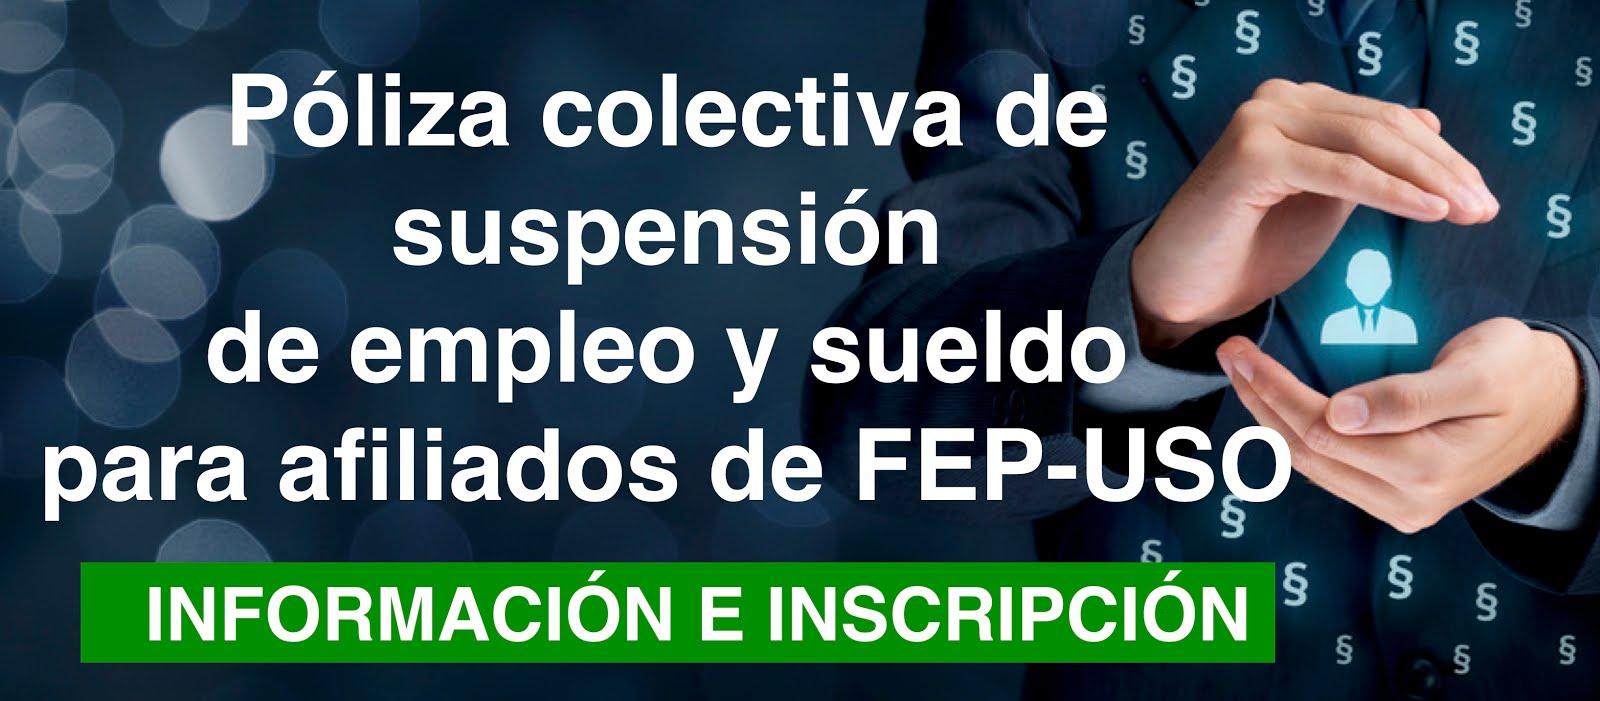 Nuevo servicio afiliados/as. Poliza Colectiva suspensión empleo y sueldo.